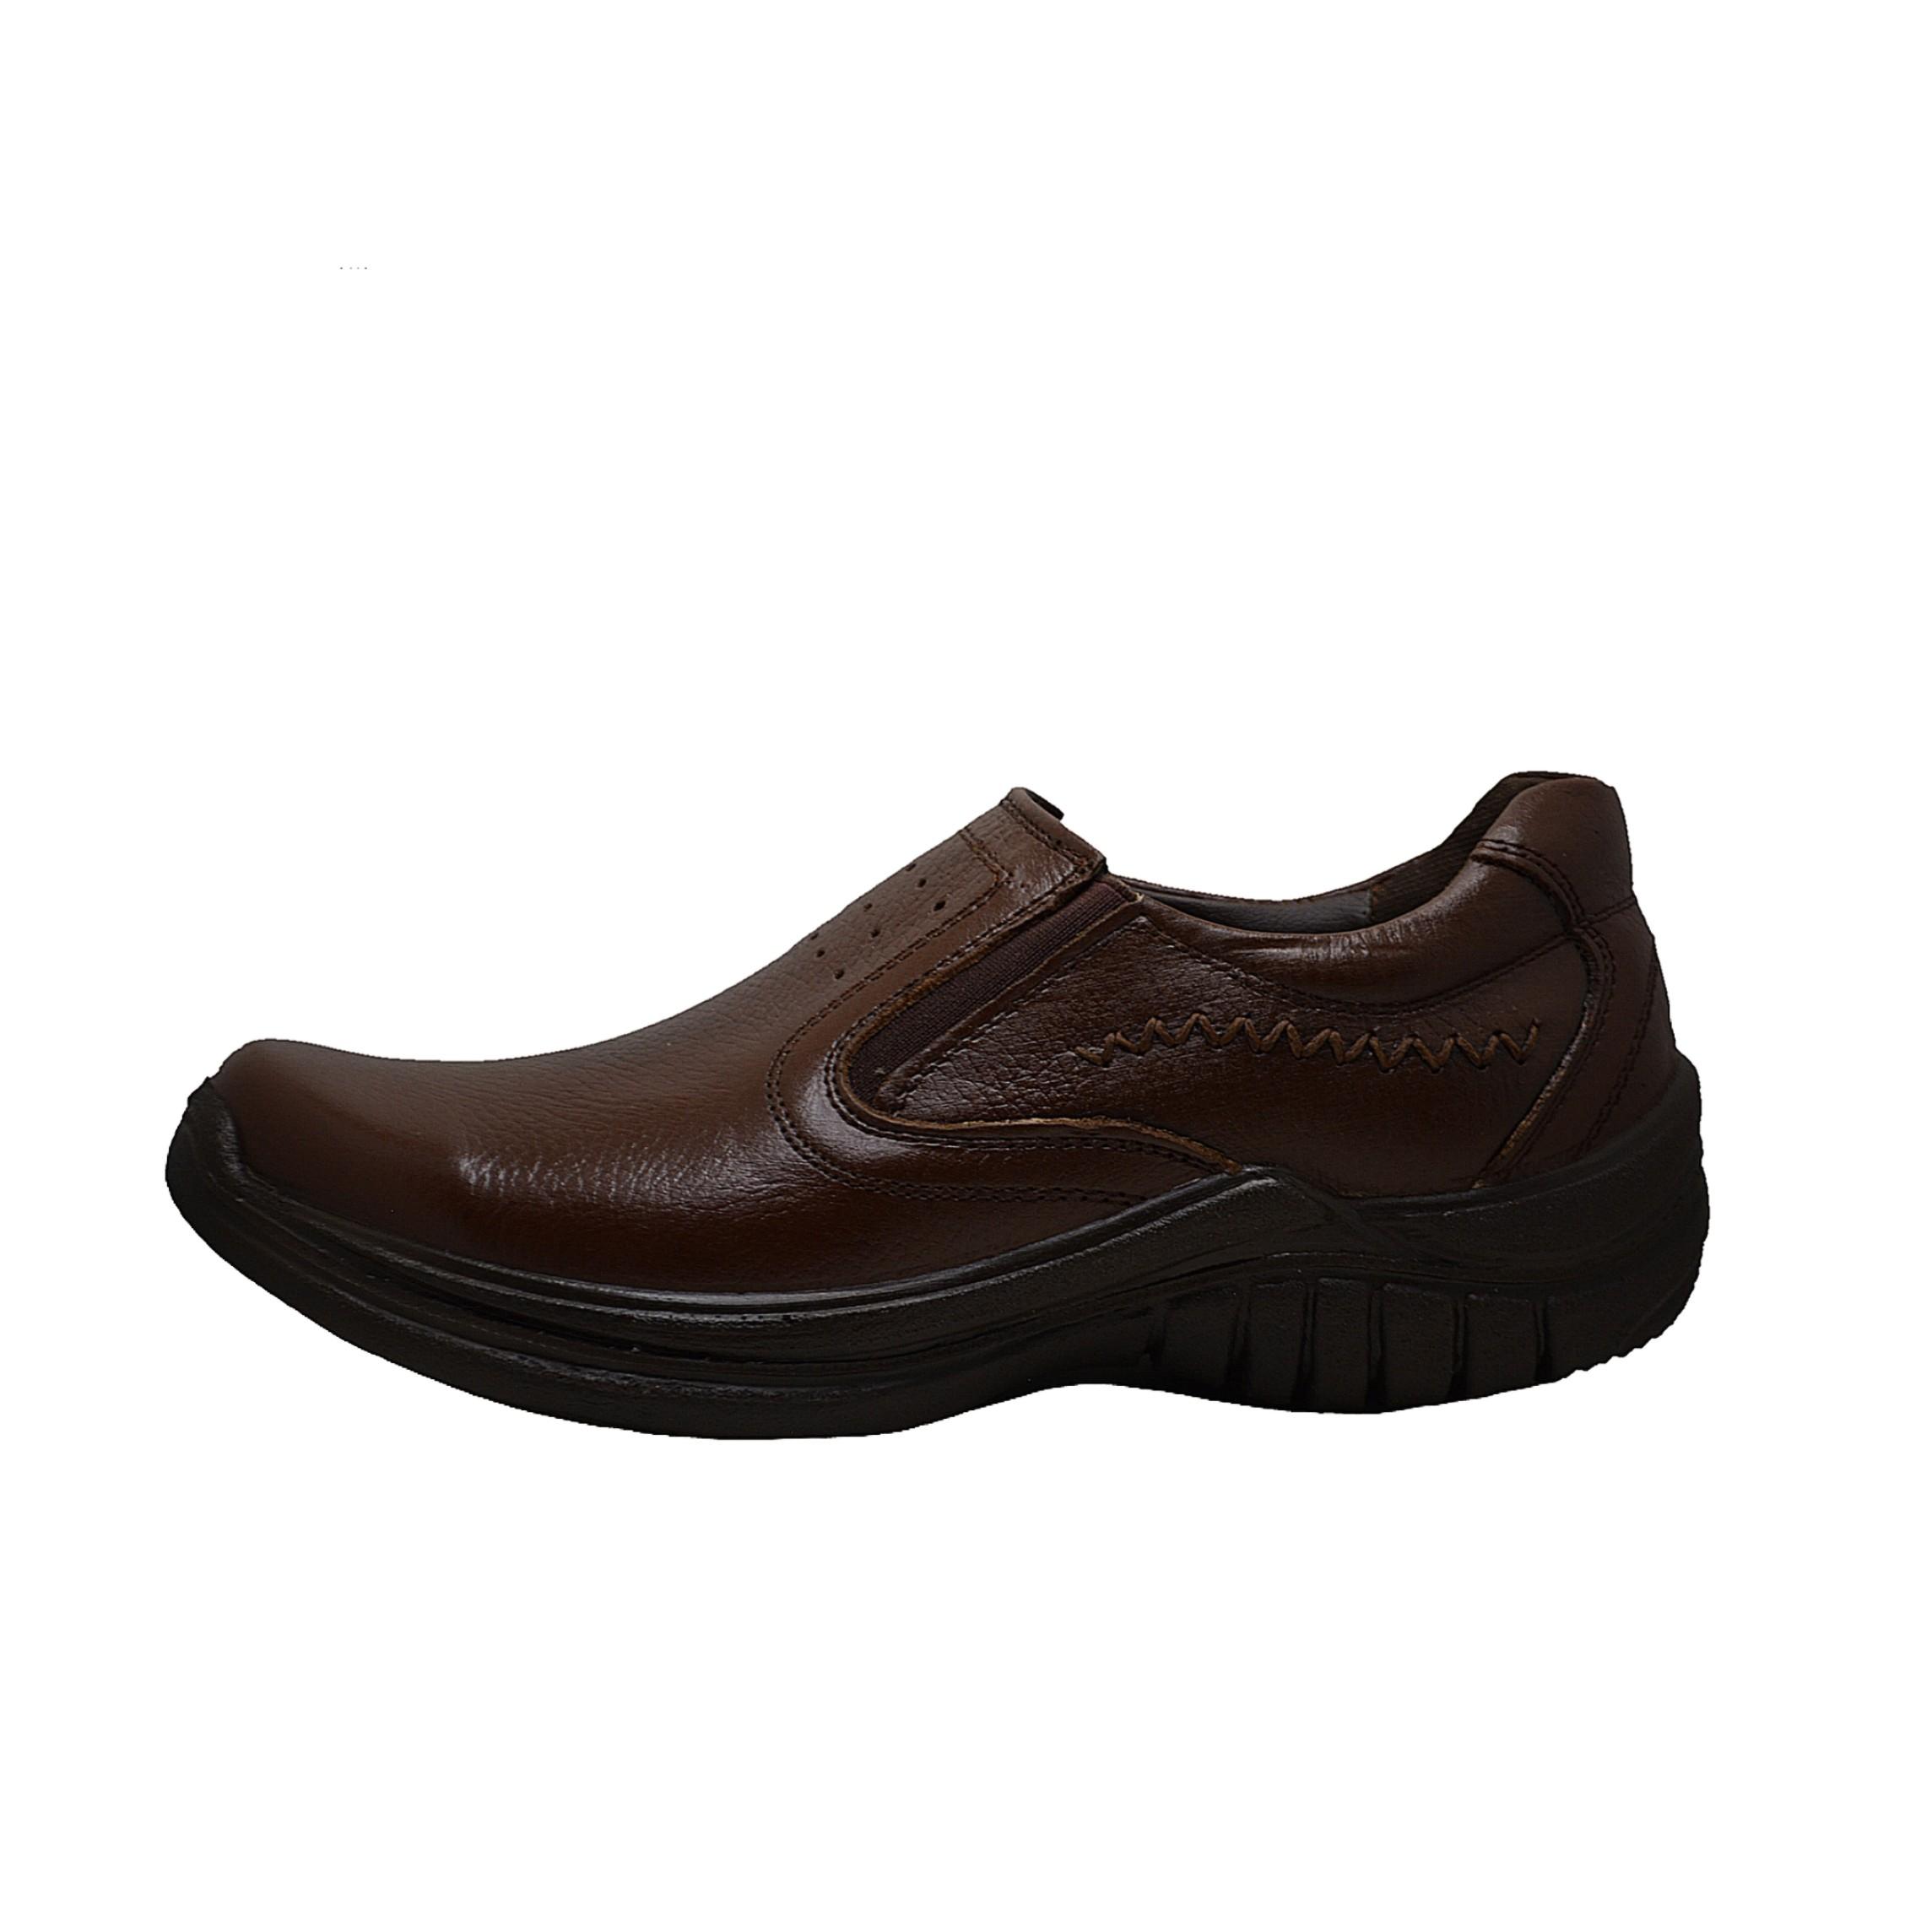 کفش طبی مردانه مدل 0026